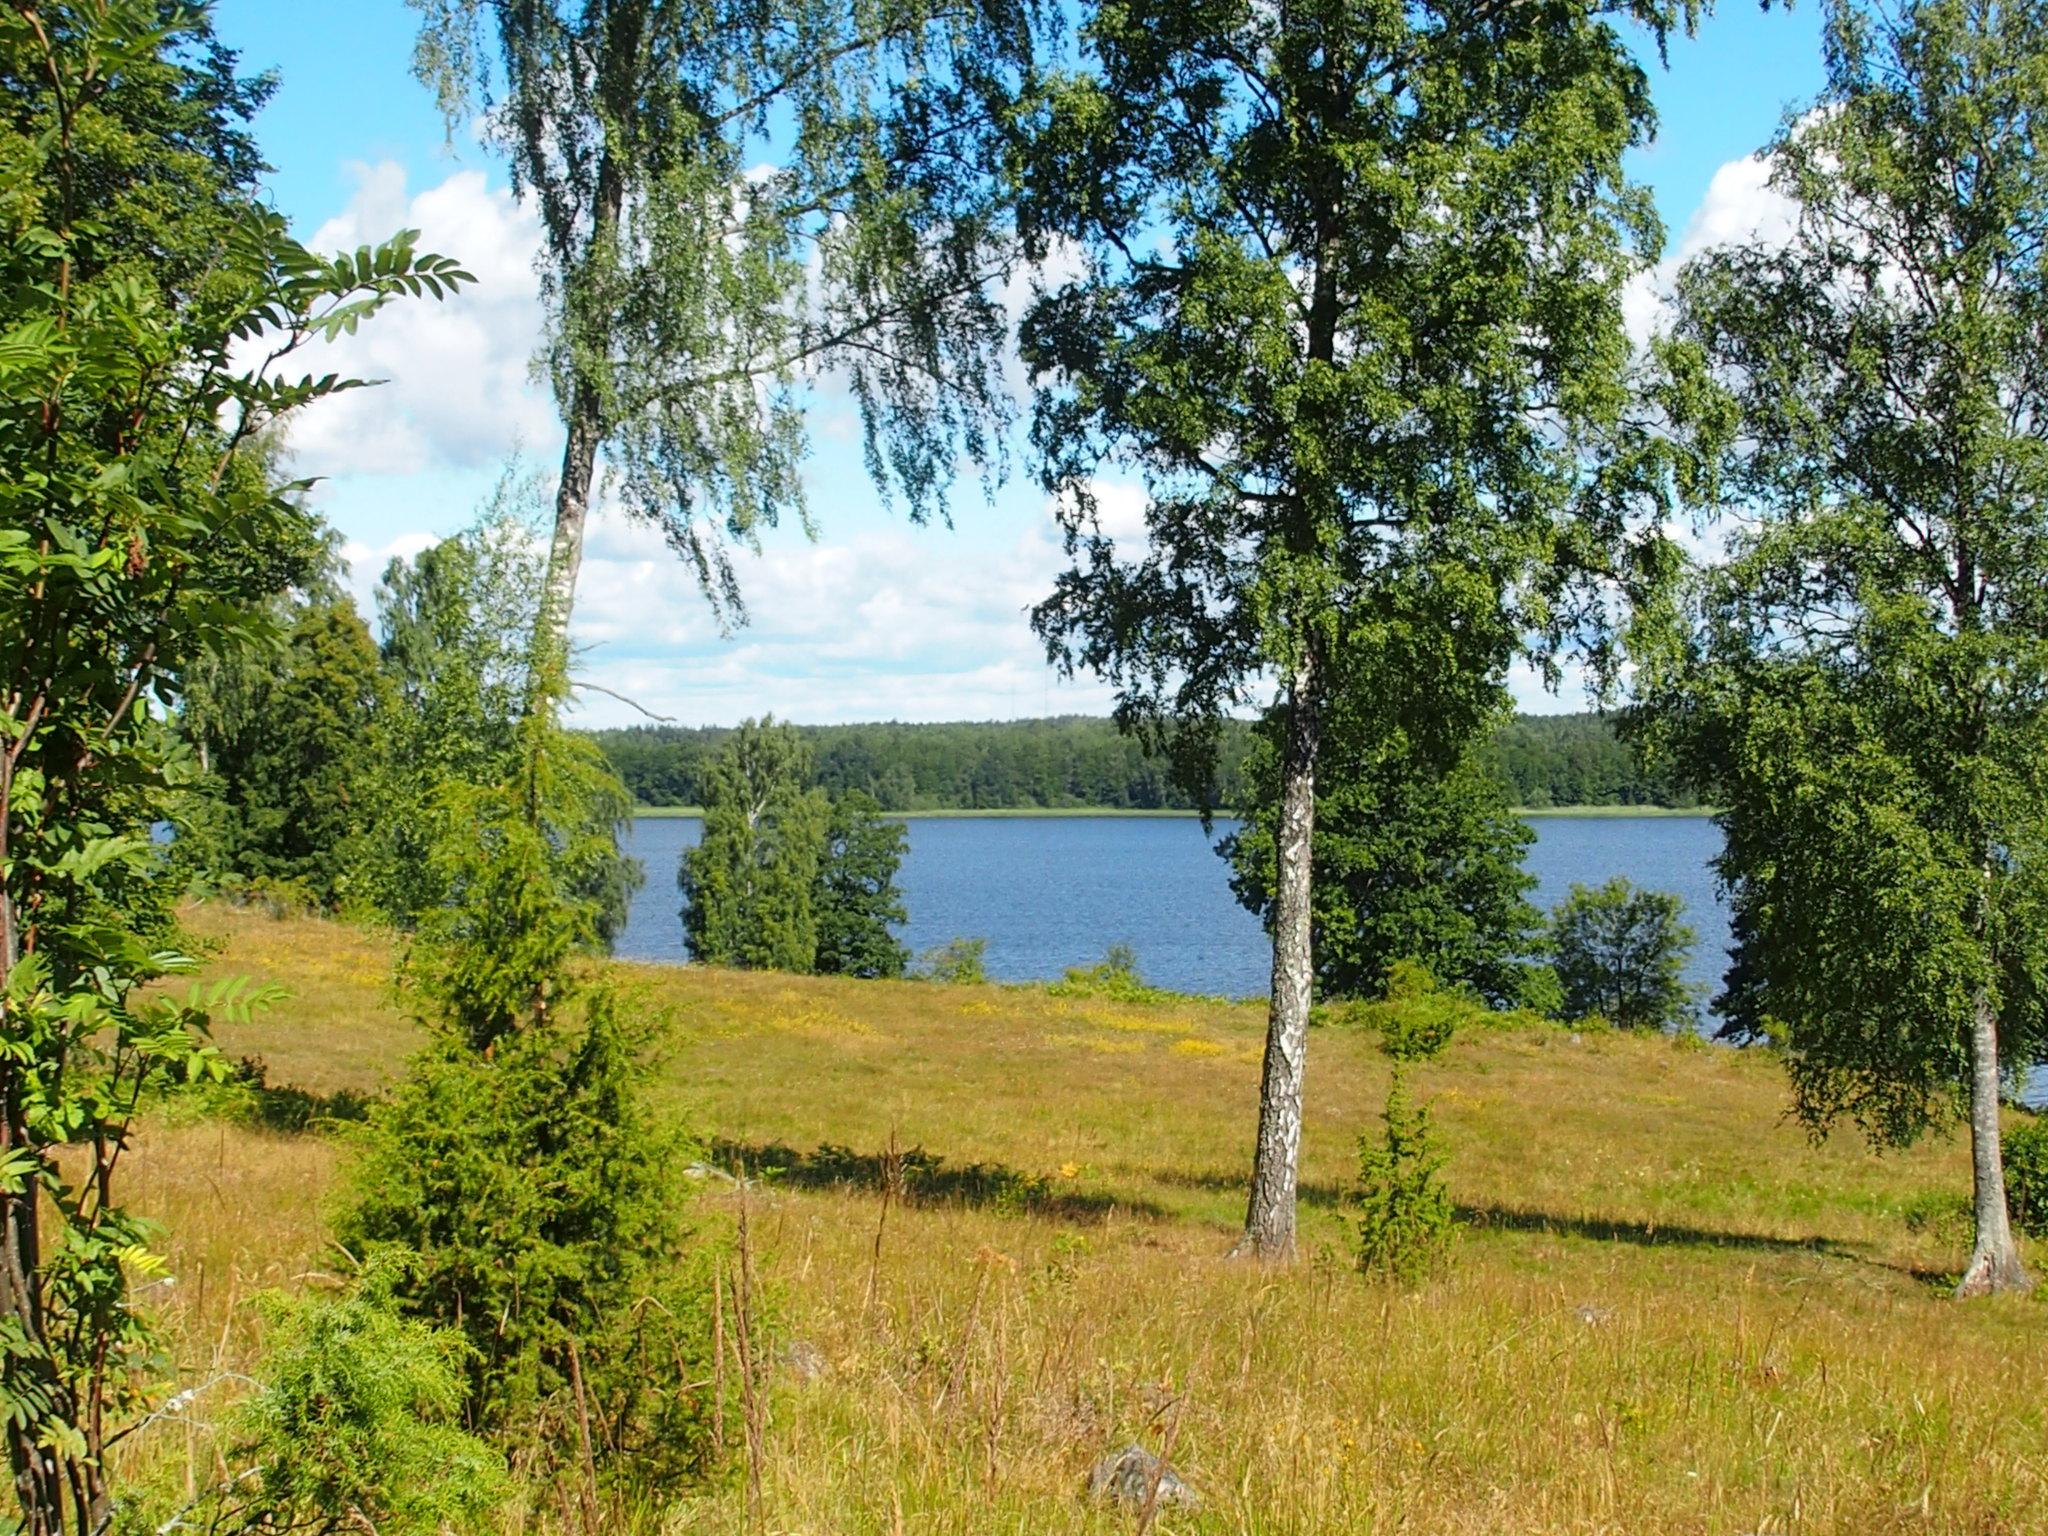 Utsikt över hagar och sjö